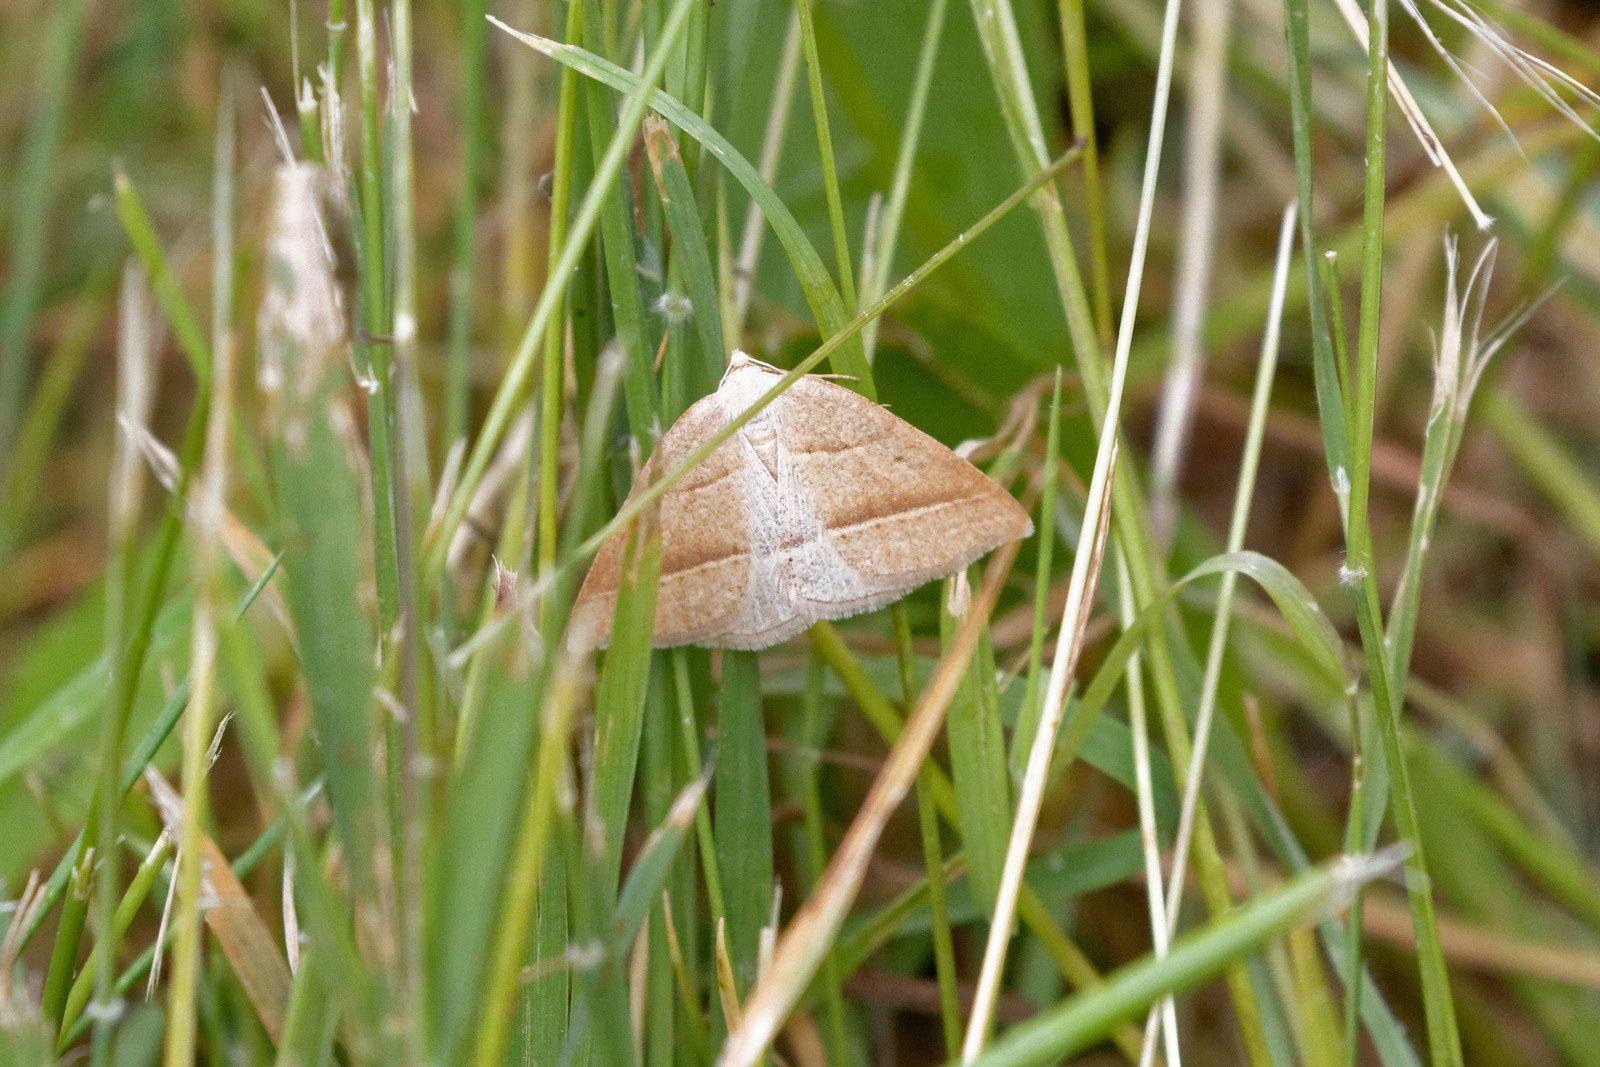 Phalène de l'Aquiline (Petrophora chlorosata)